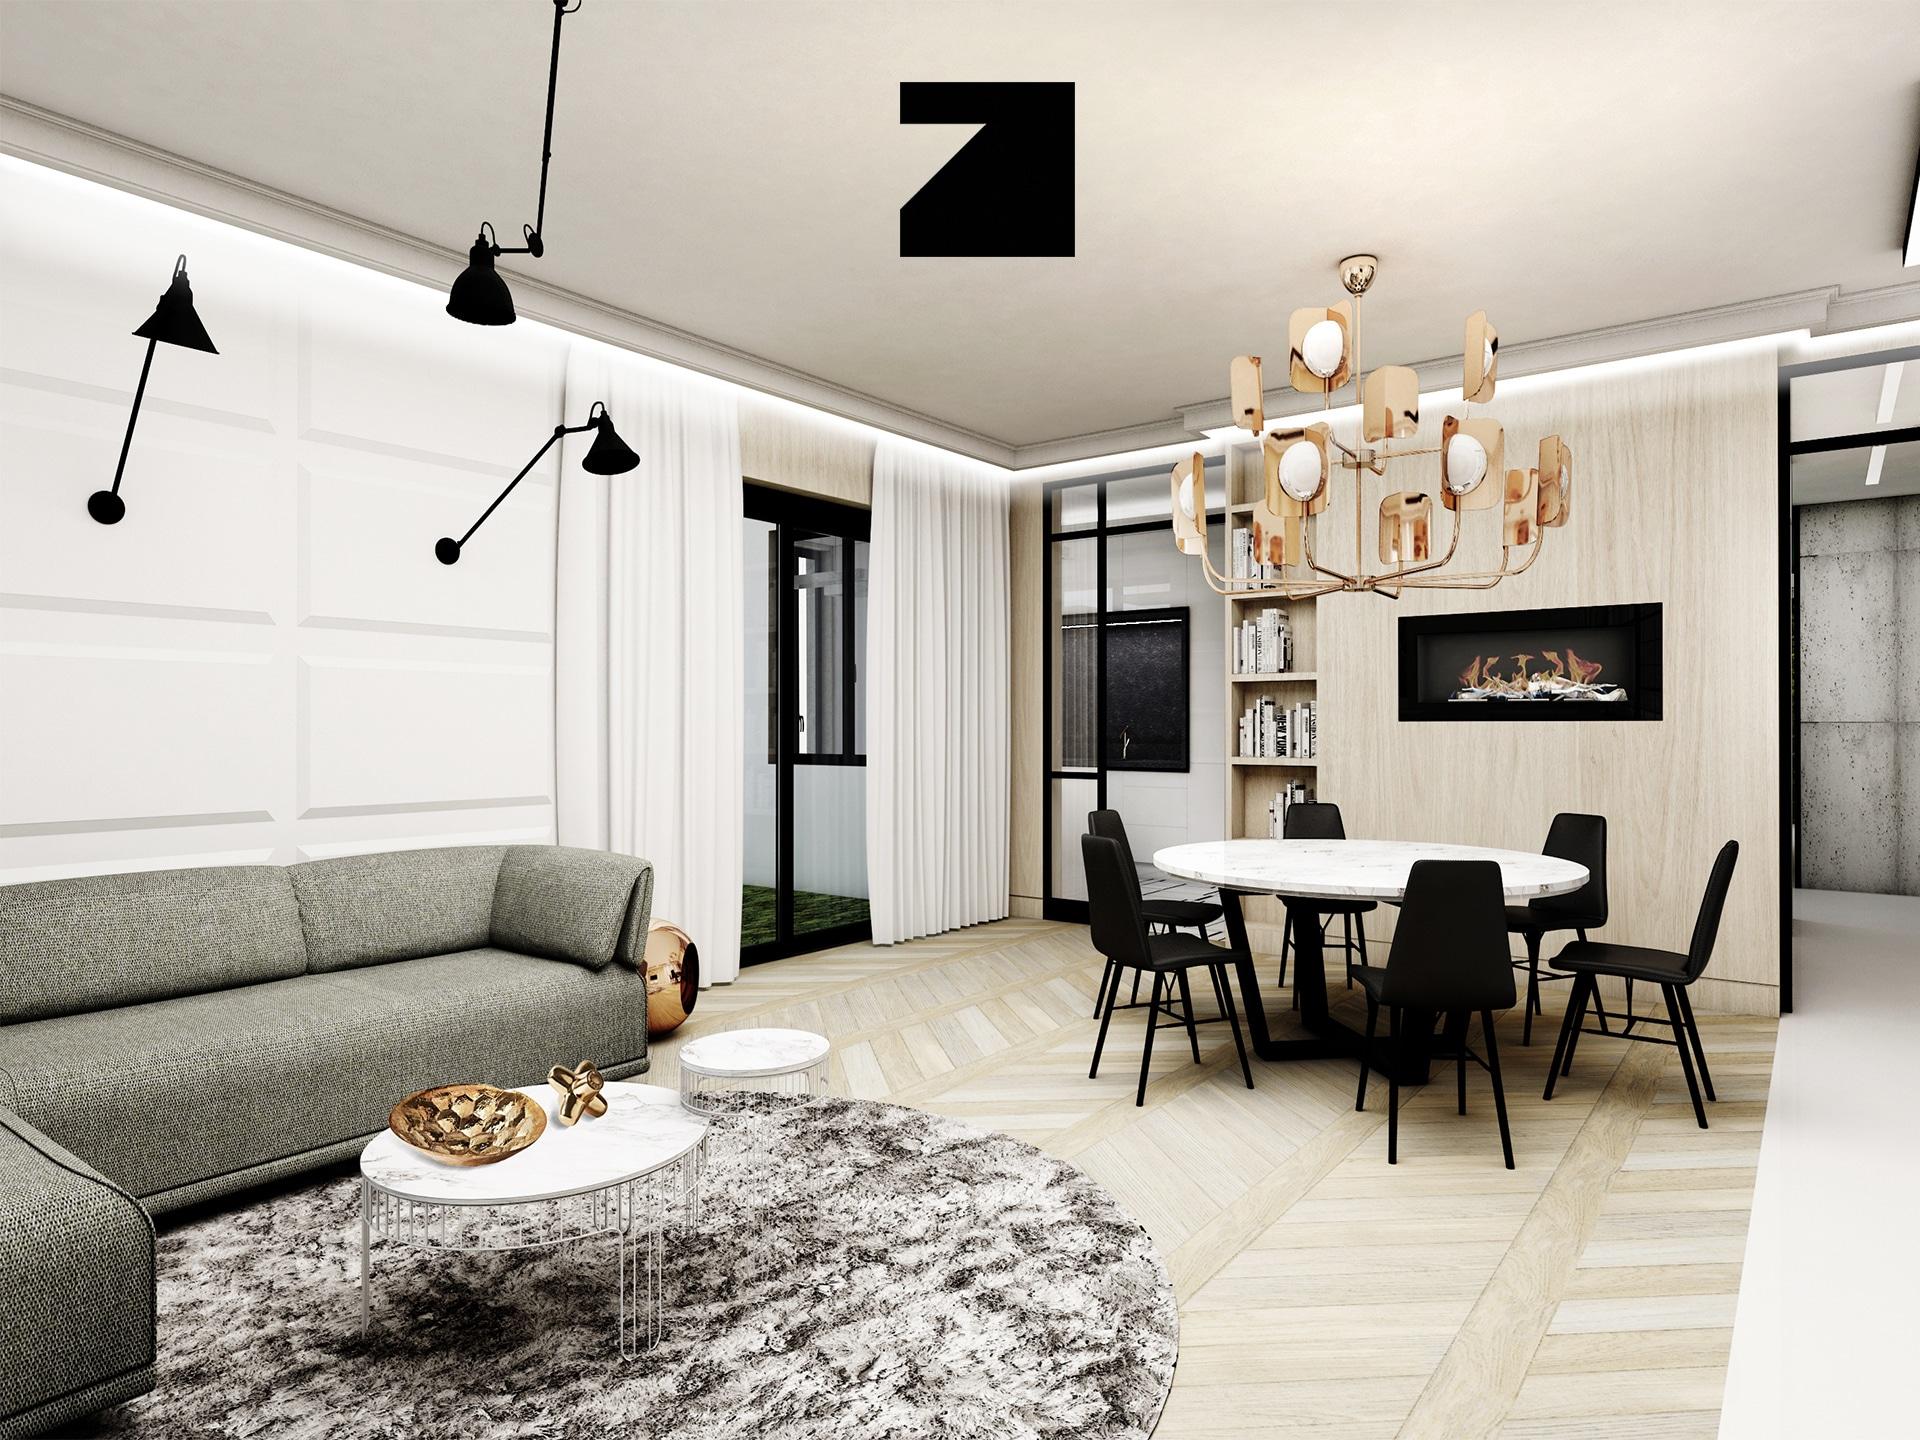 projekt luksusowych wnętrz - Lesinska